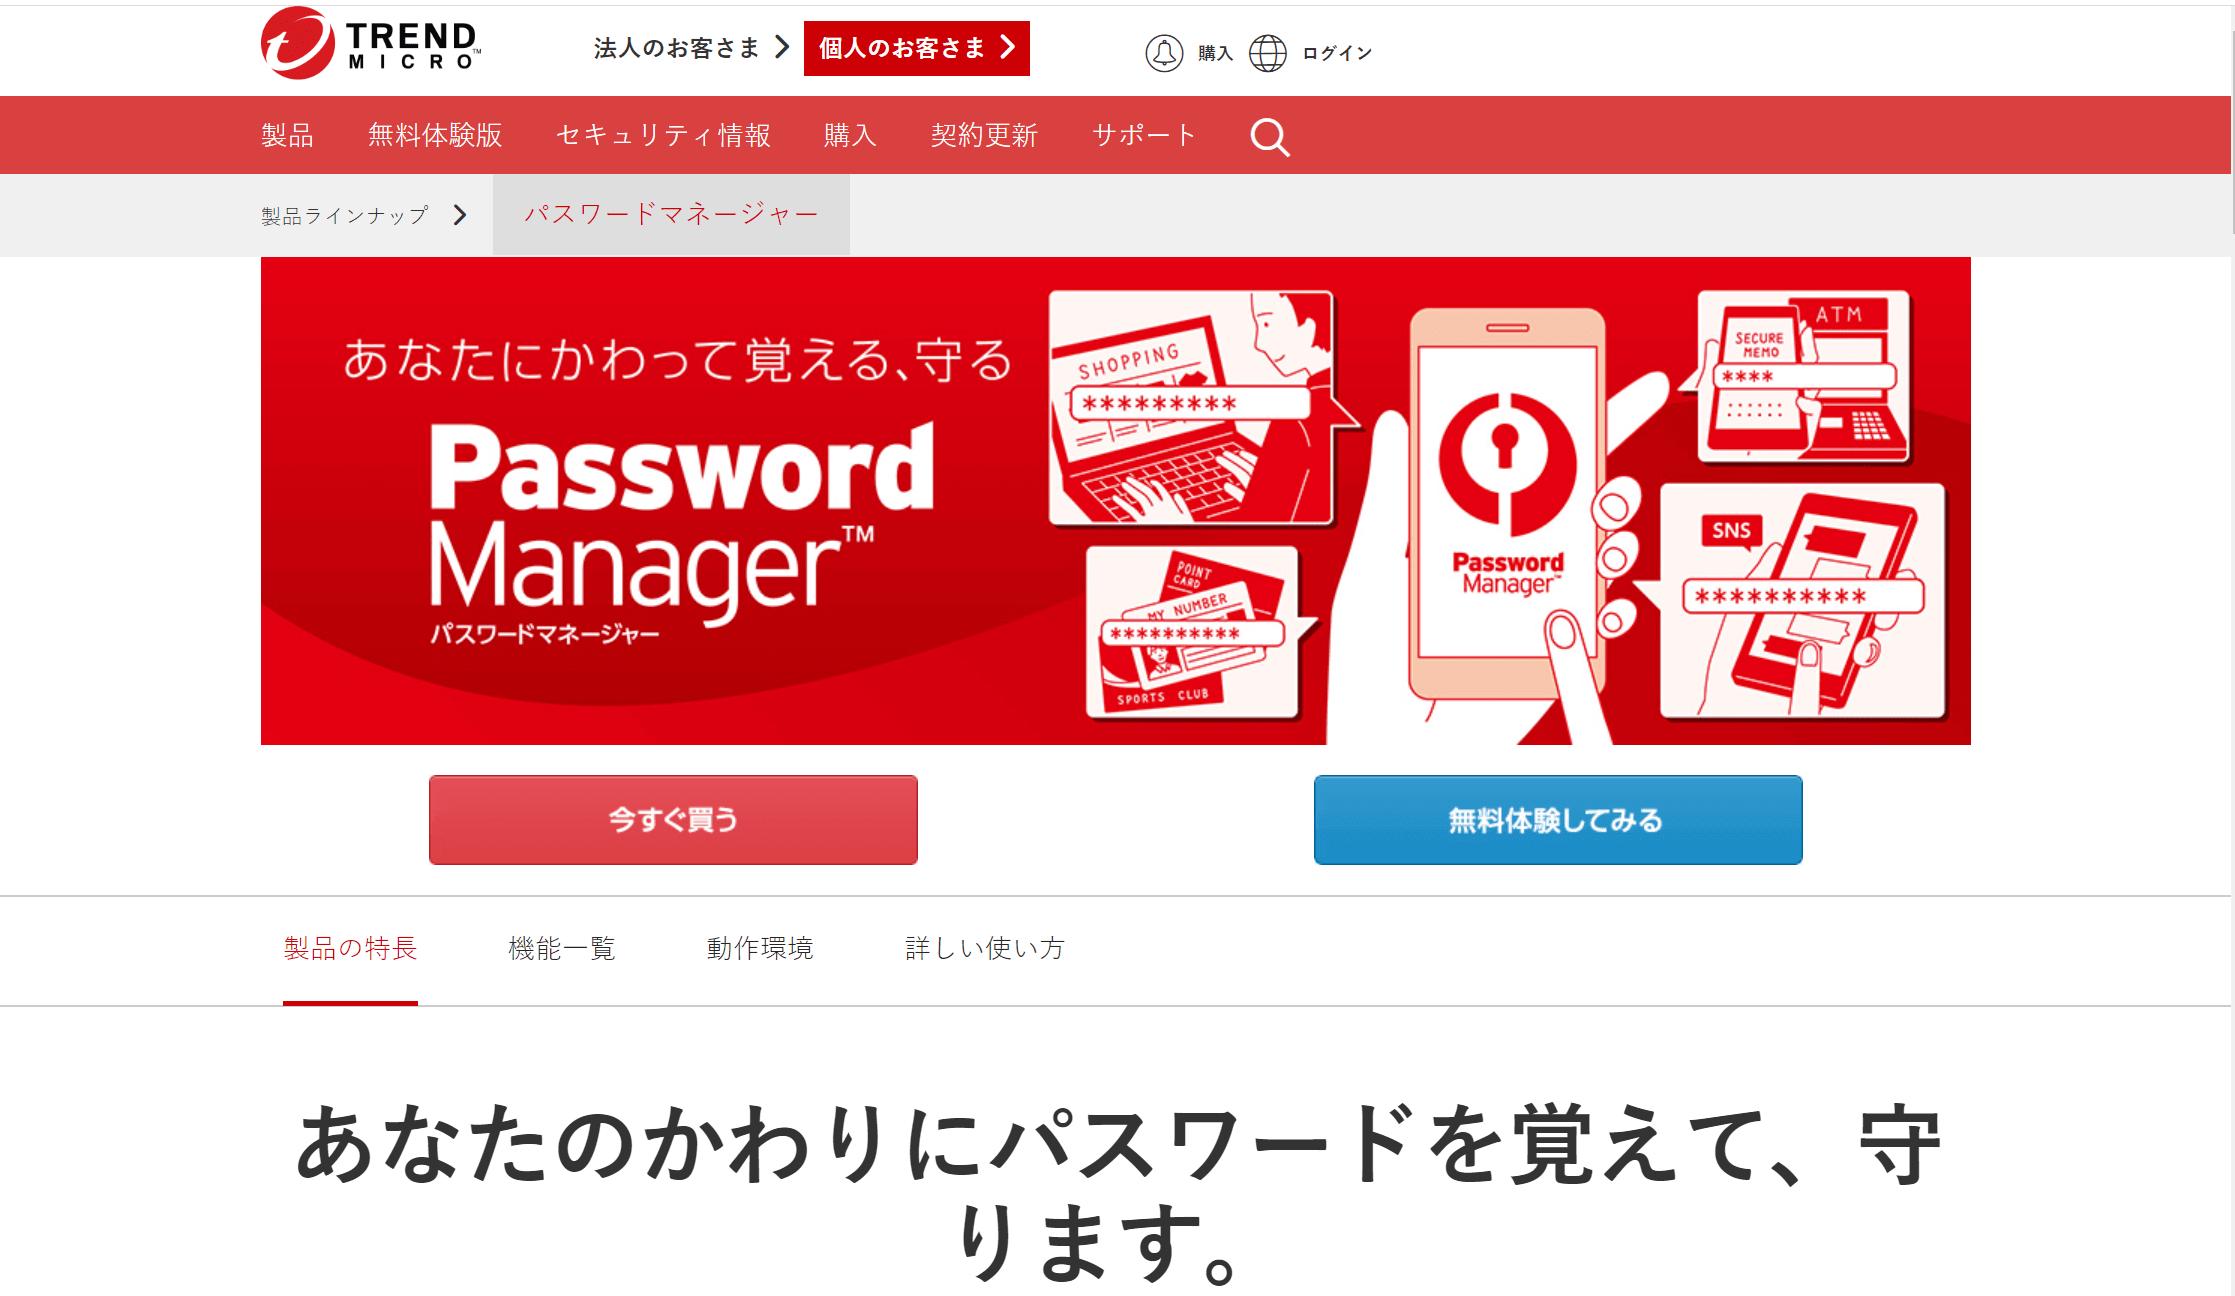 パスワードマネージャー